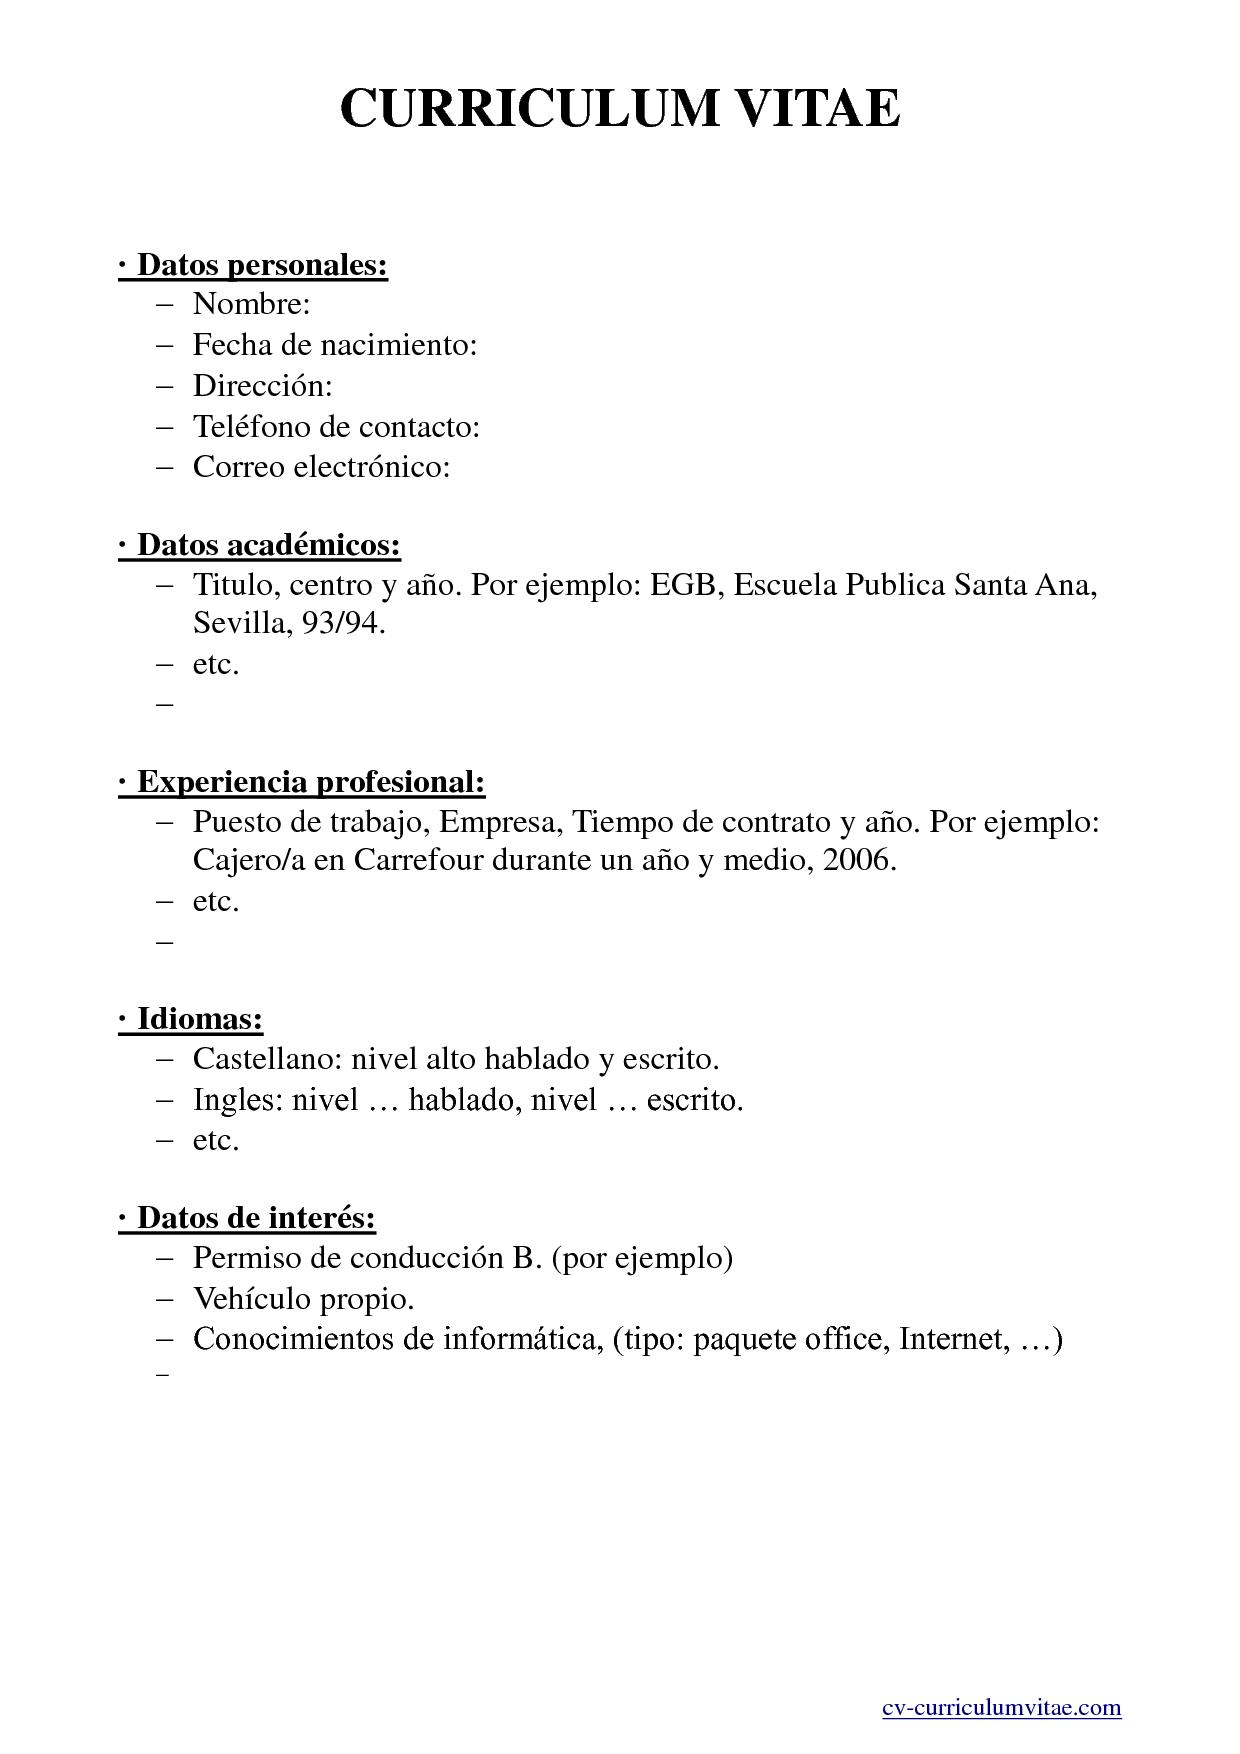 Sample Curriculum Vitae Word Document